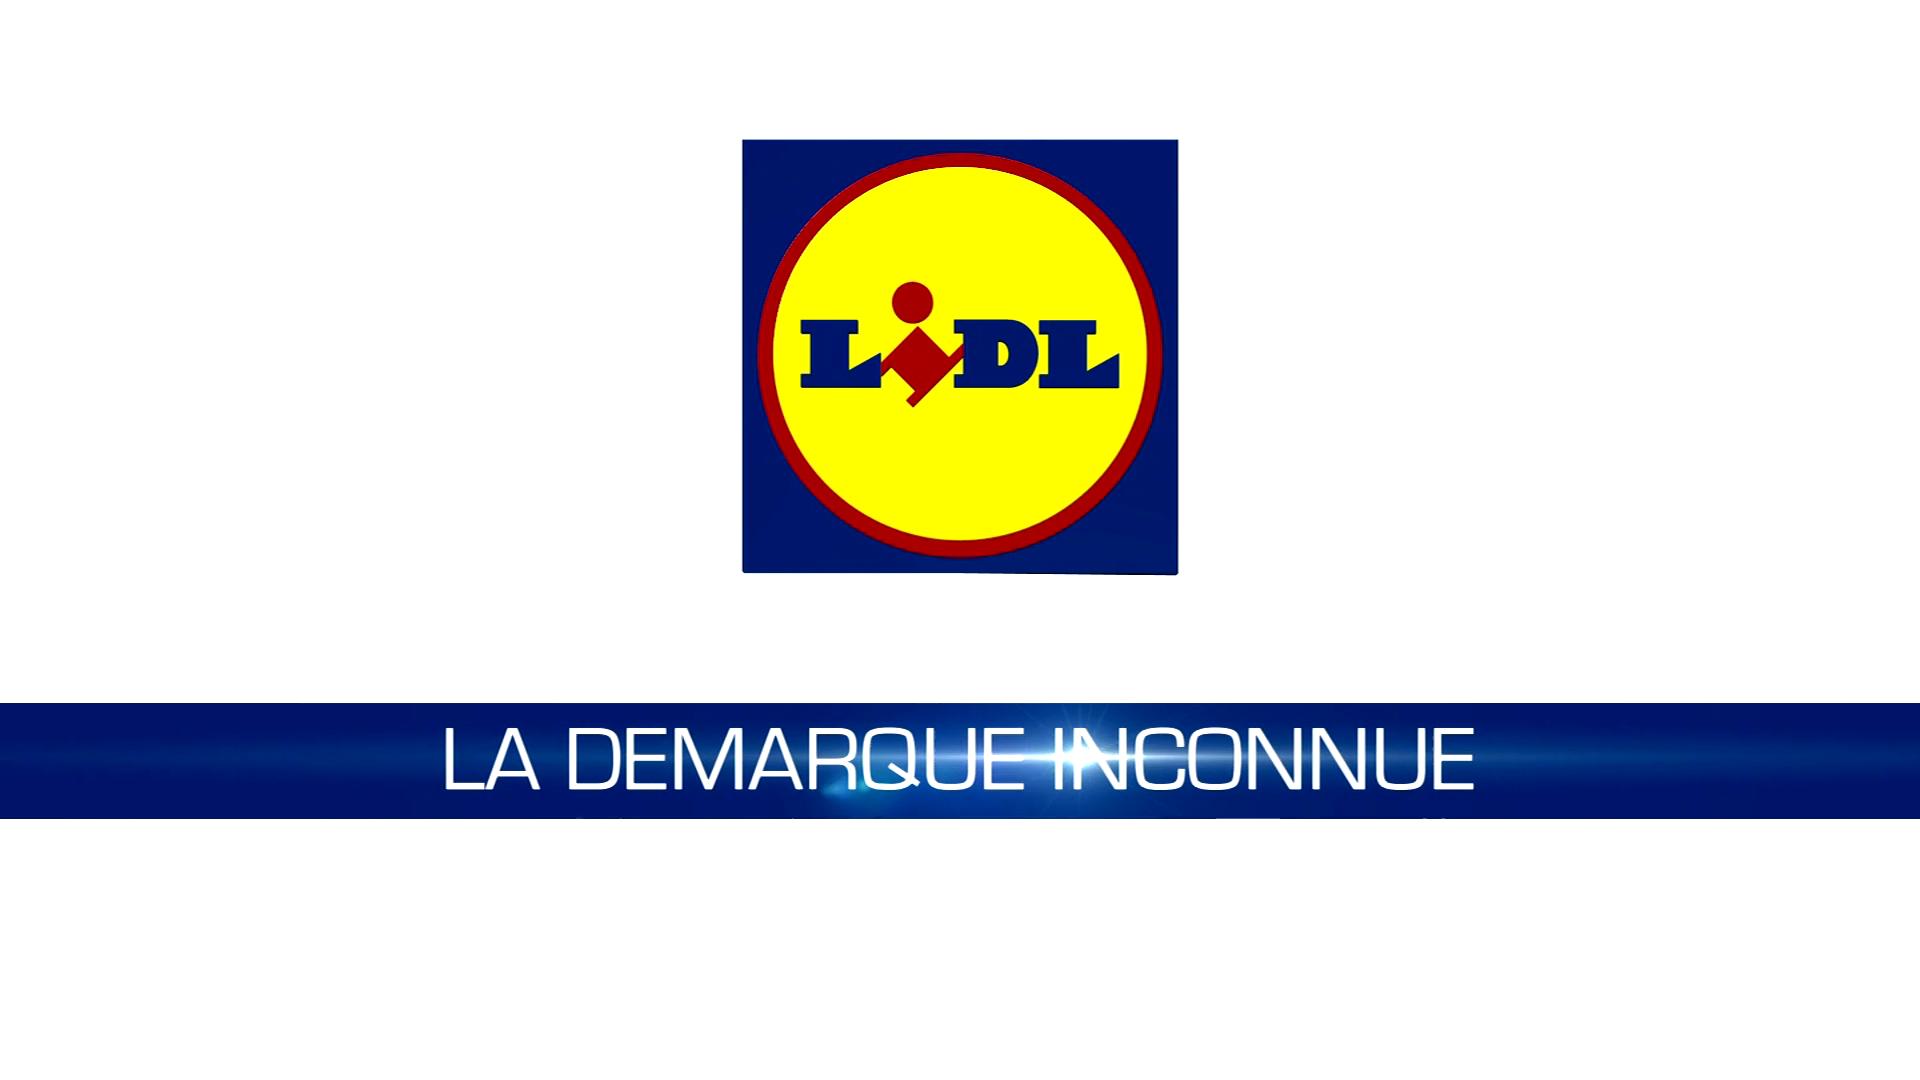 LIDL: Vidéo «La Démarque Inconnue»